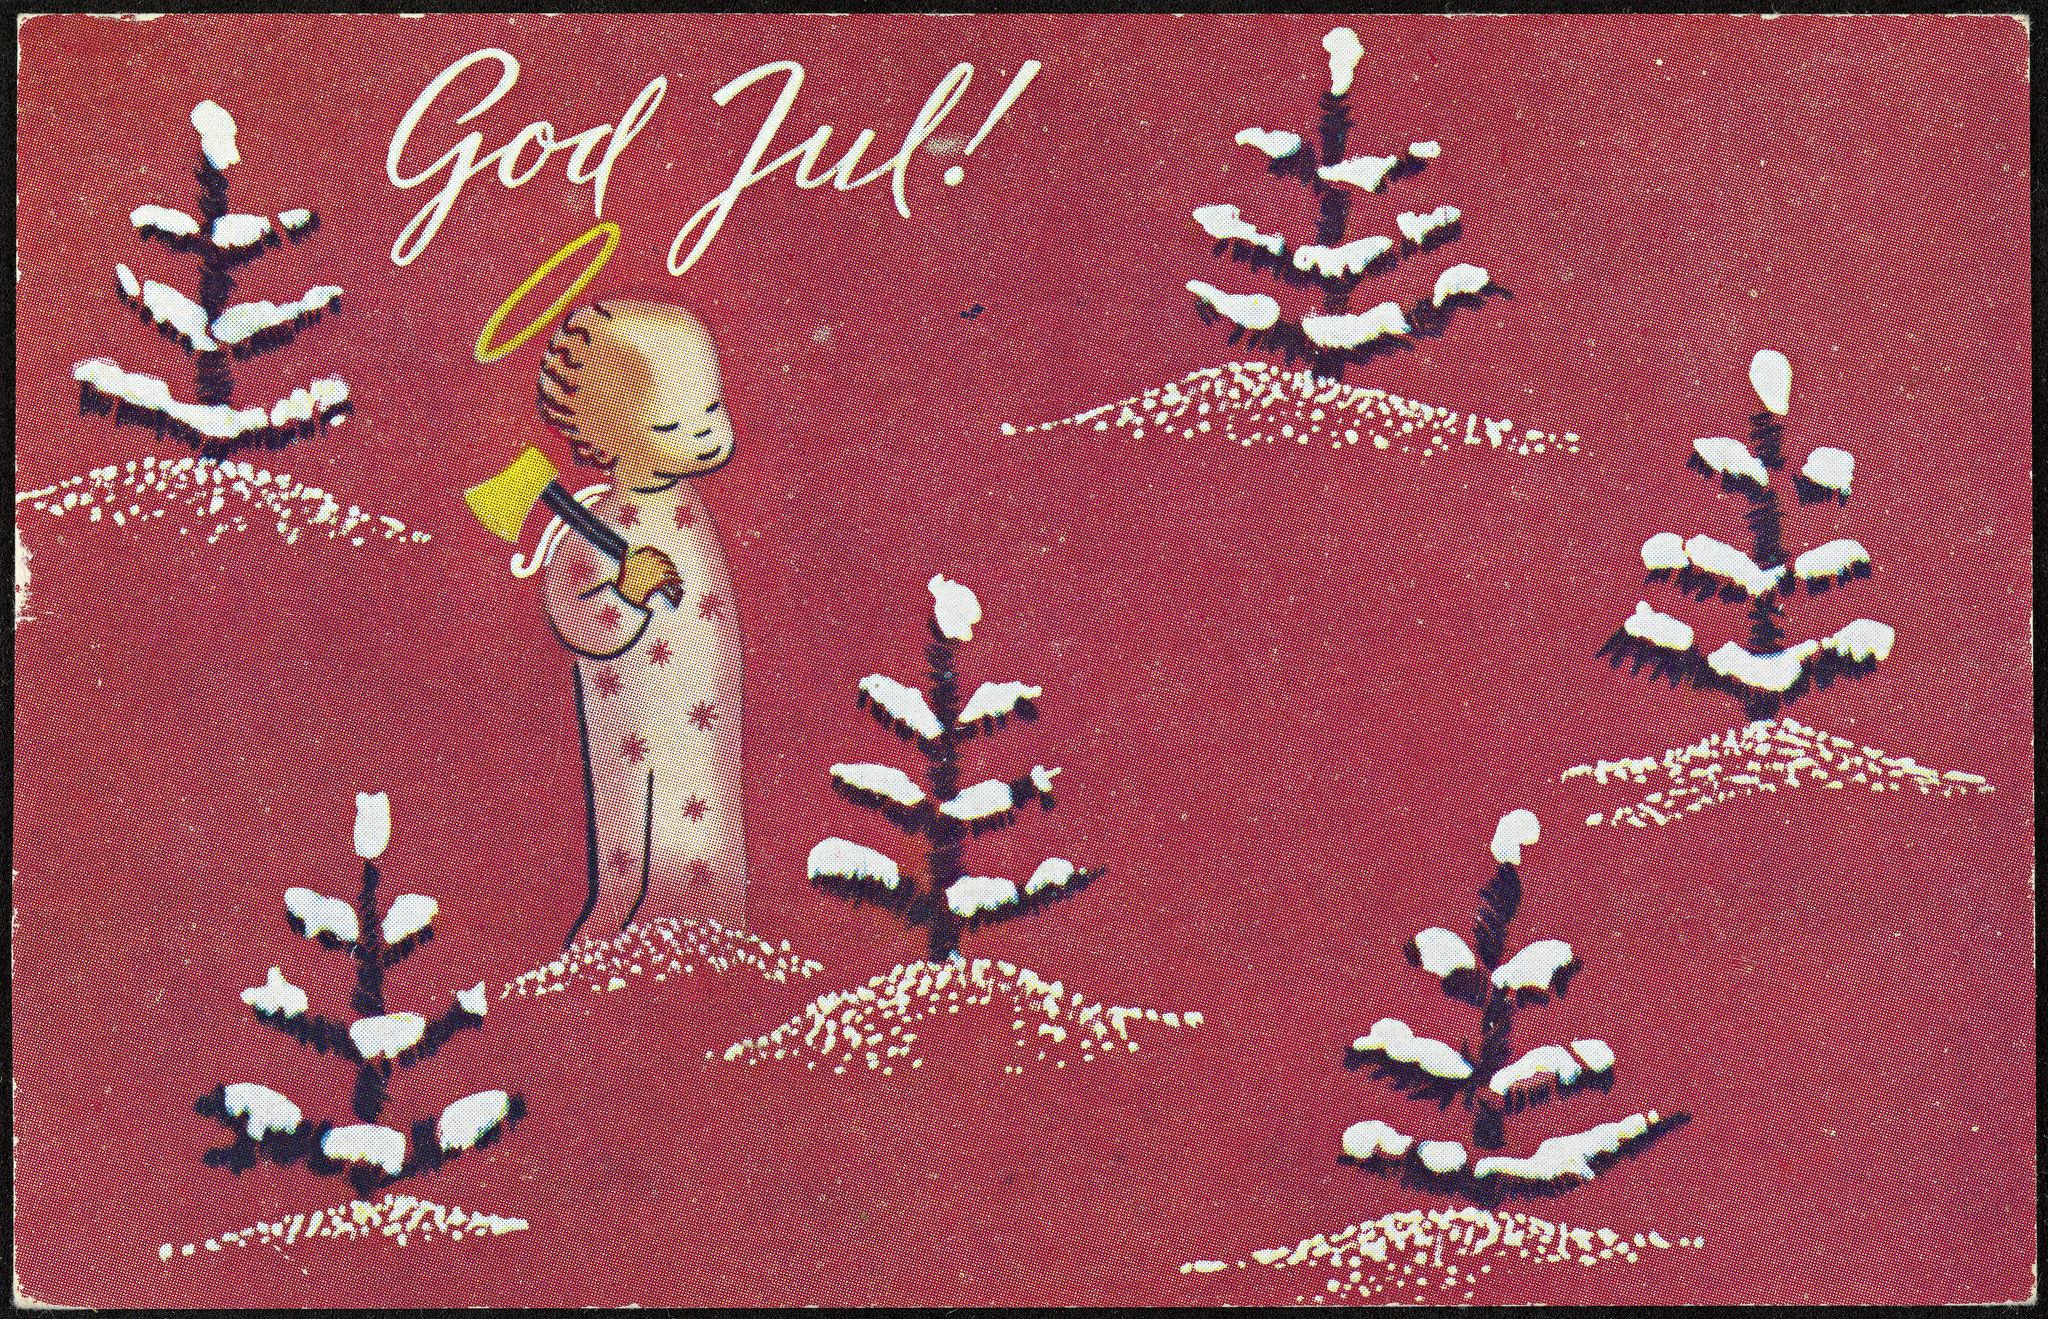 Julekort fra 1948. Digitalisert av Nasjonalbiblioteket på Flickr.